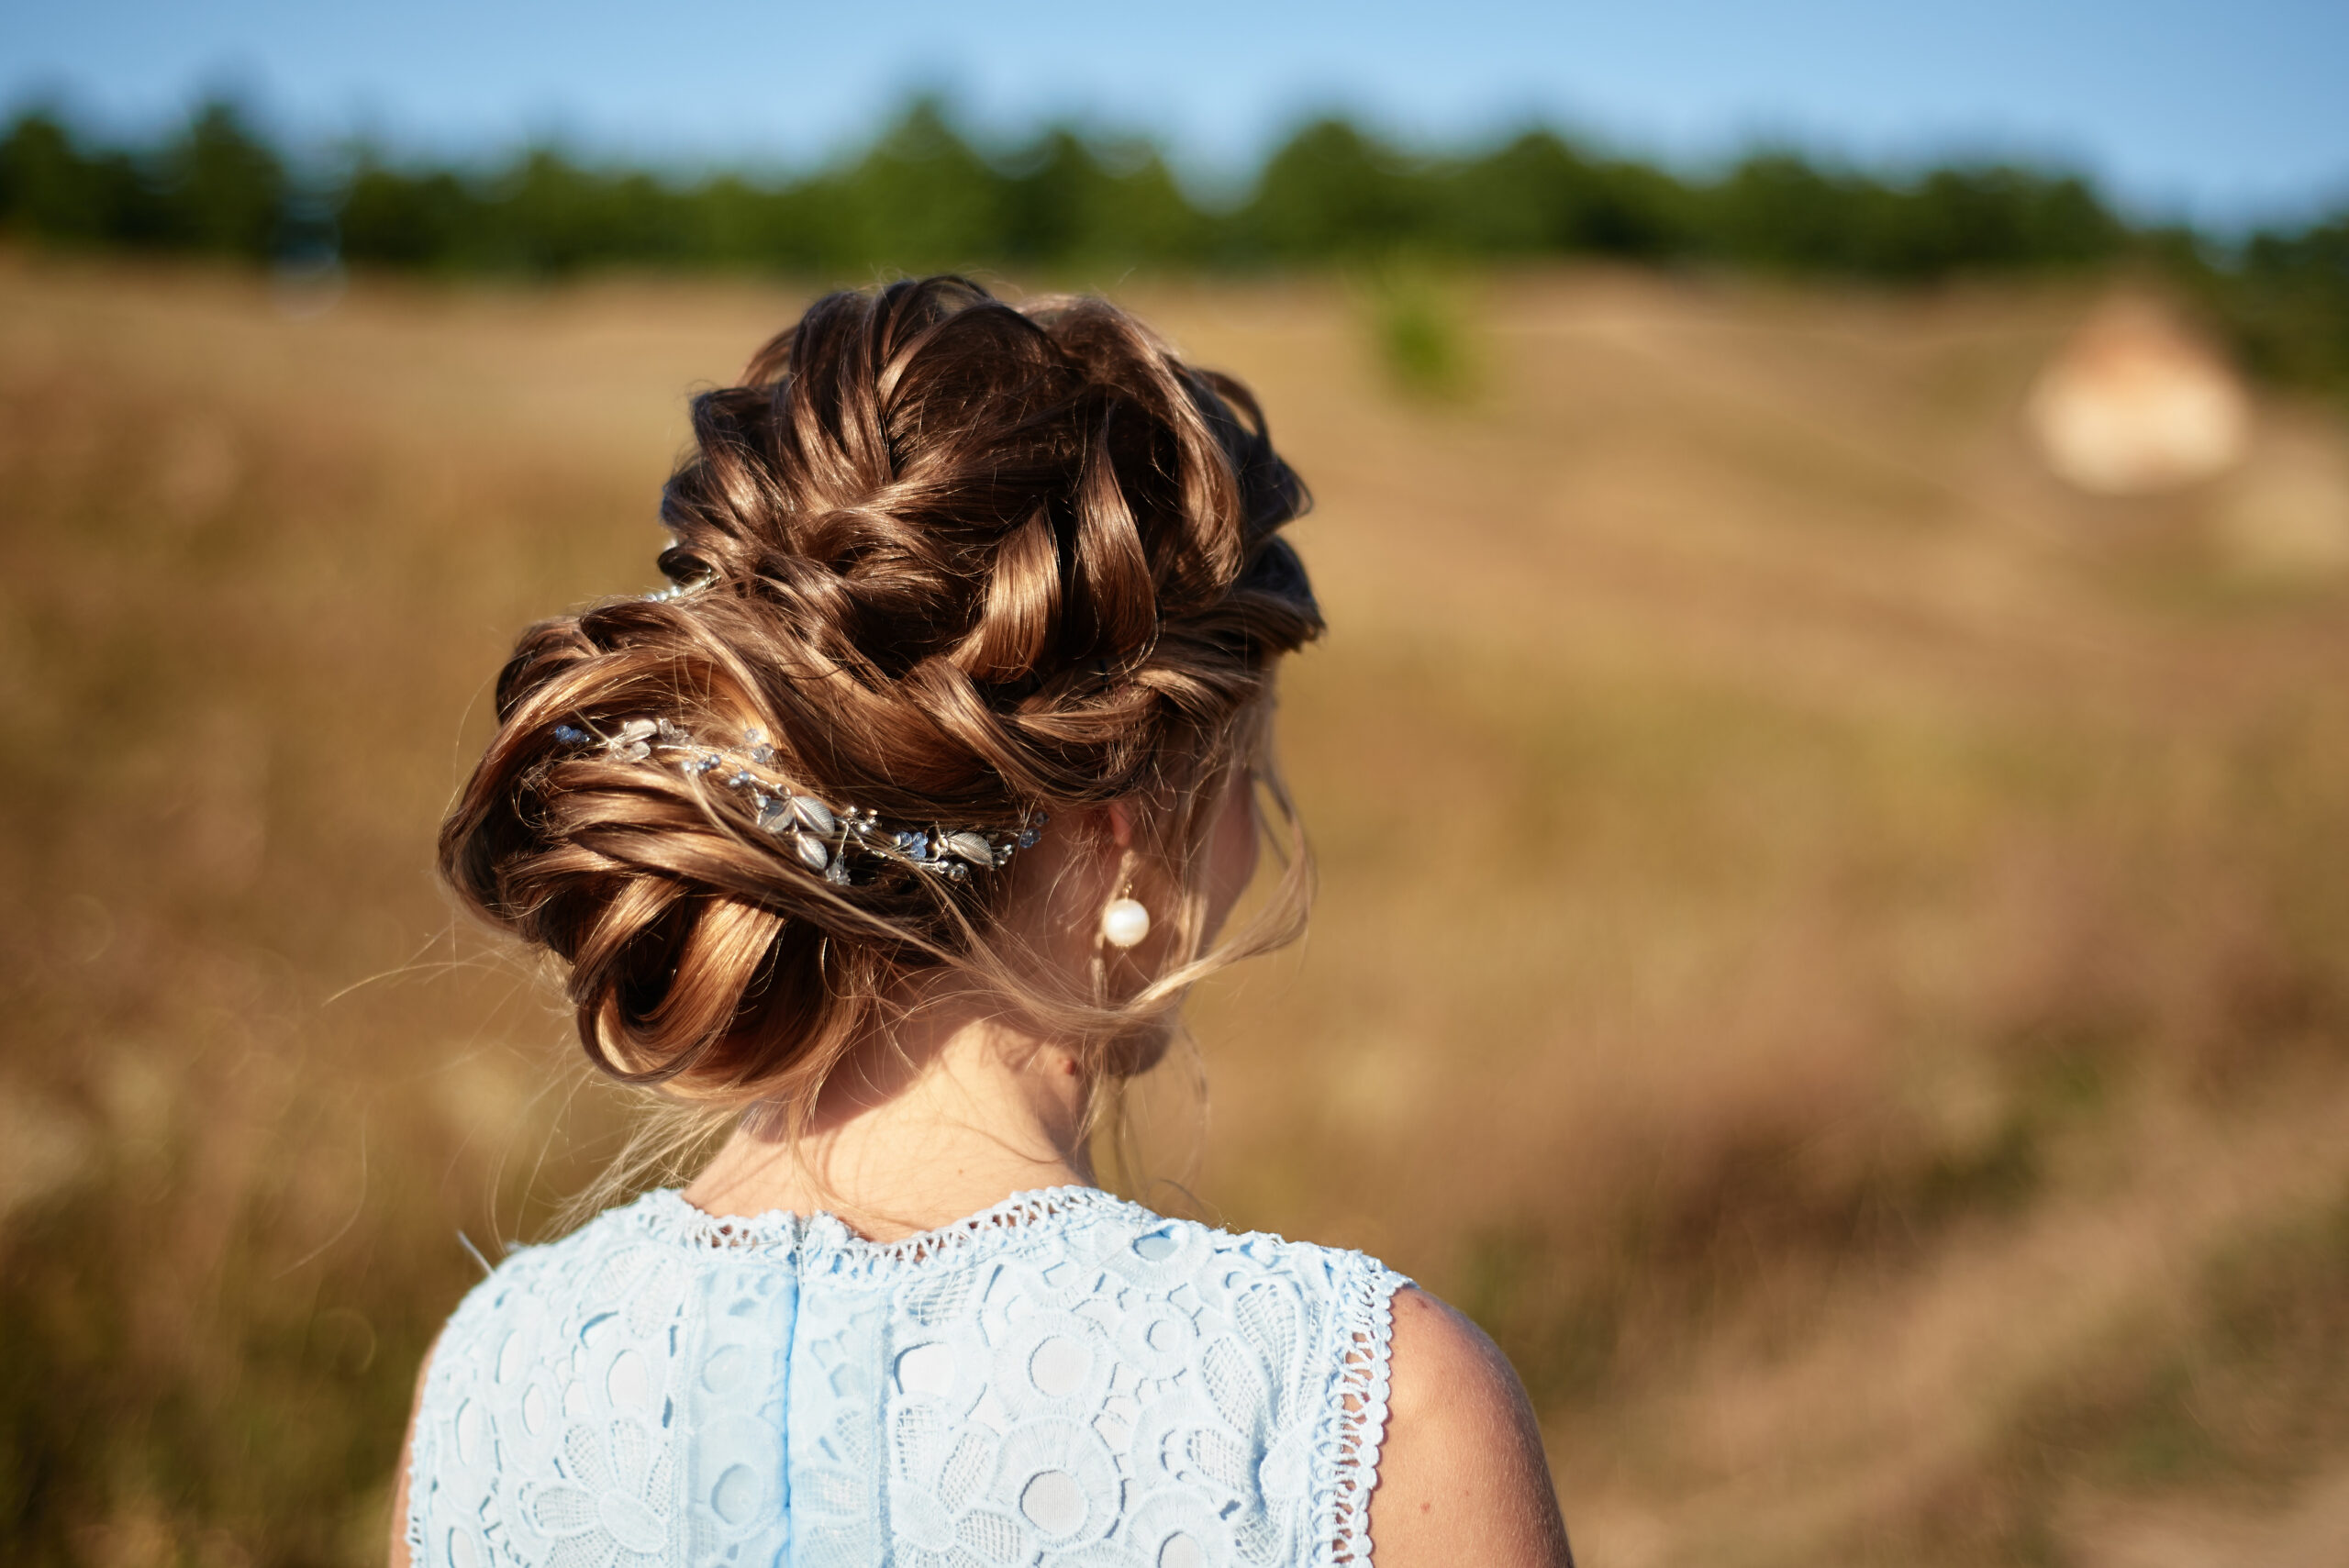 fryzura na wesele włosy upięte i ozdobione